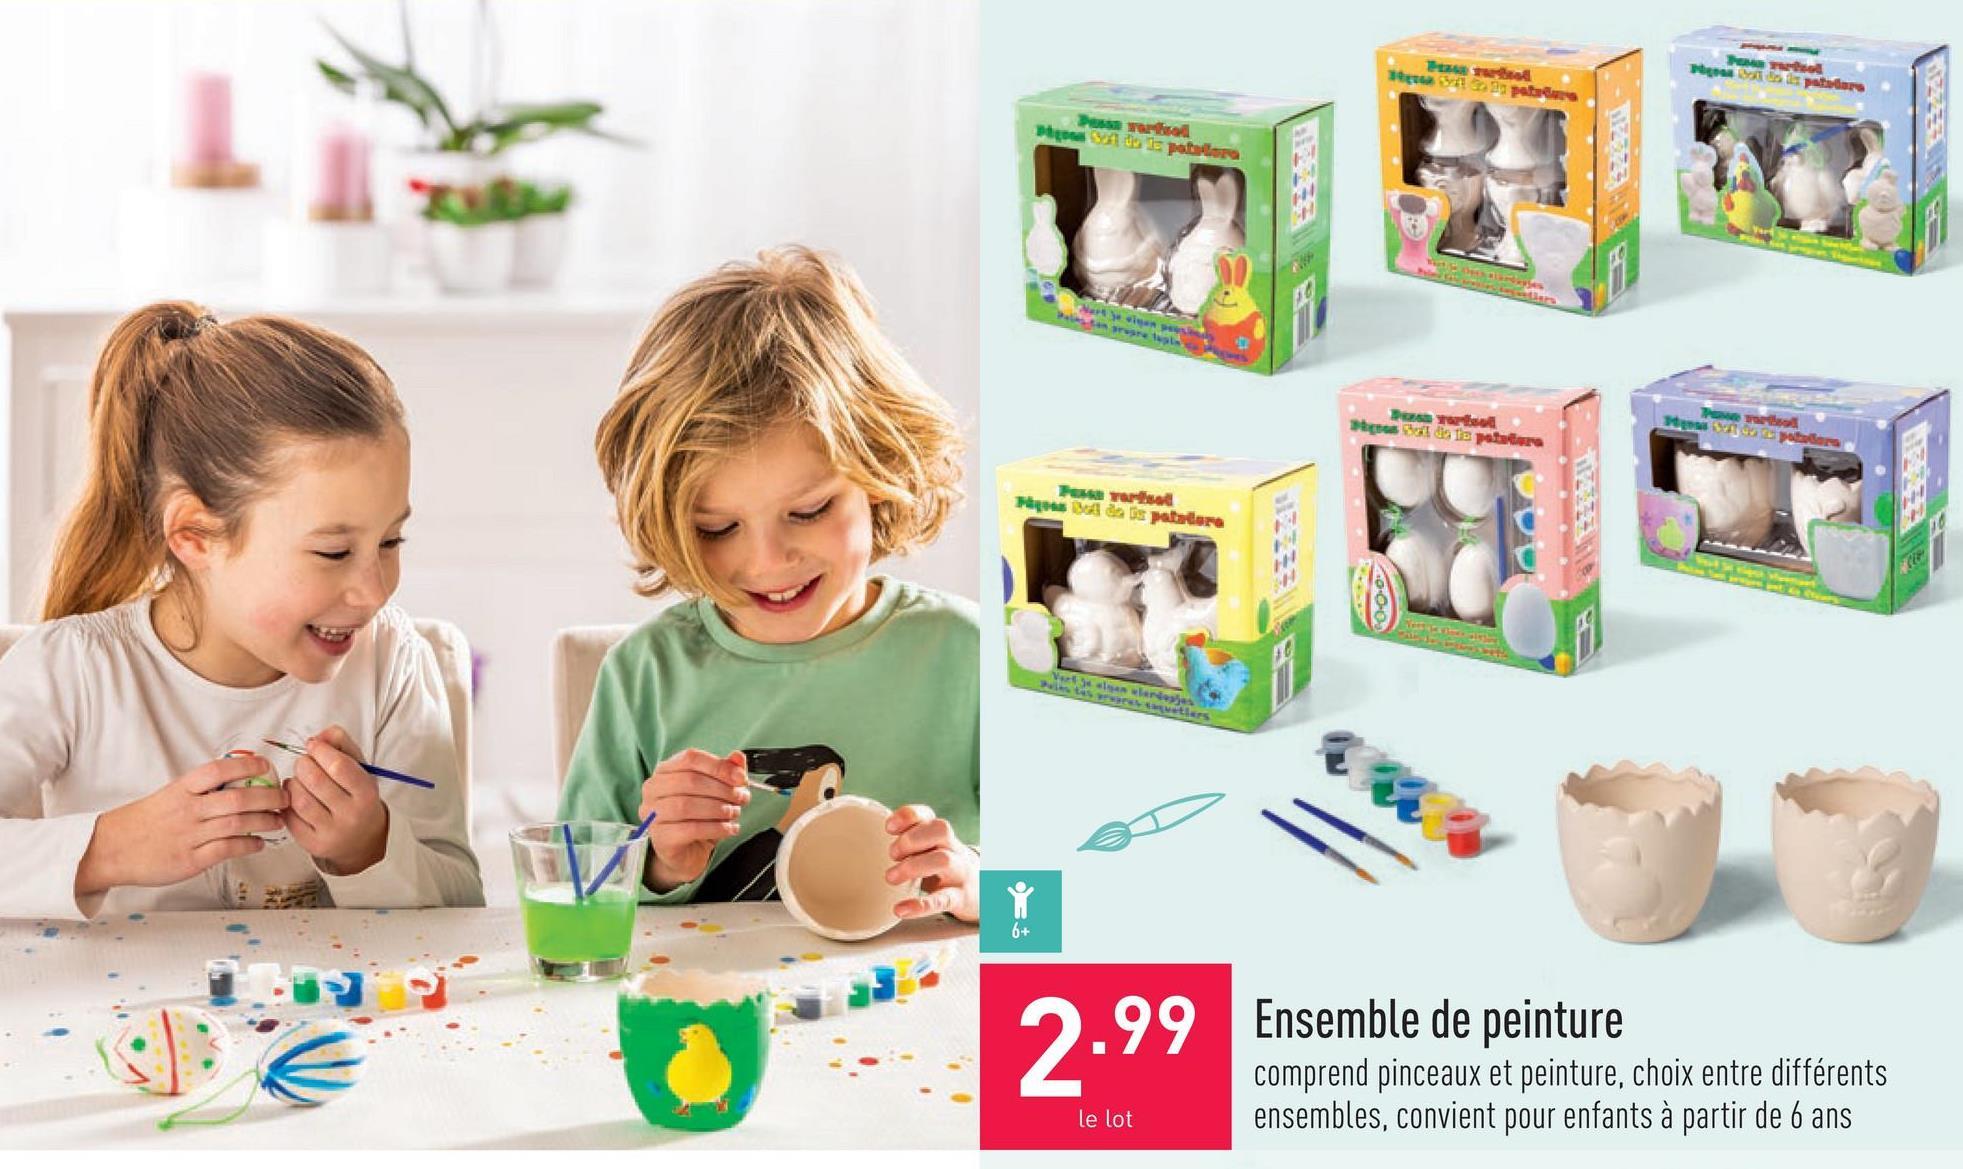 Ensemble de peinture comprend pinceaux et peinture, choix entre différents ensembles, convient pour enfants à partir de 6 ans